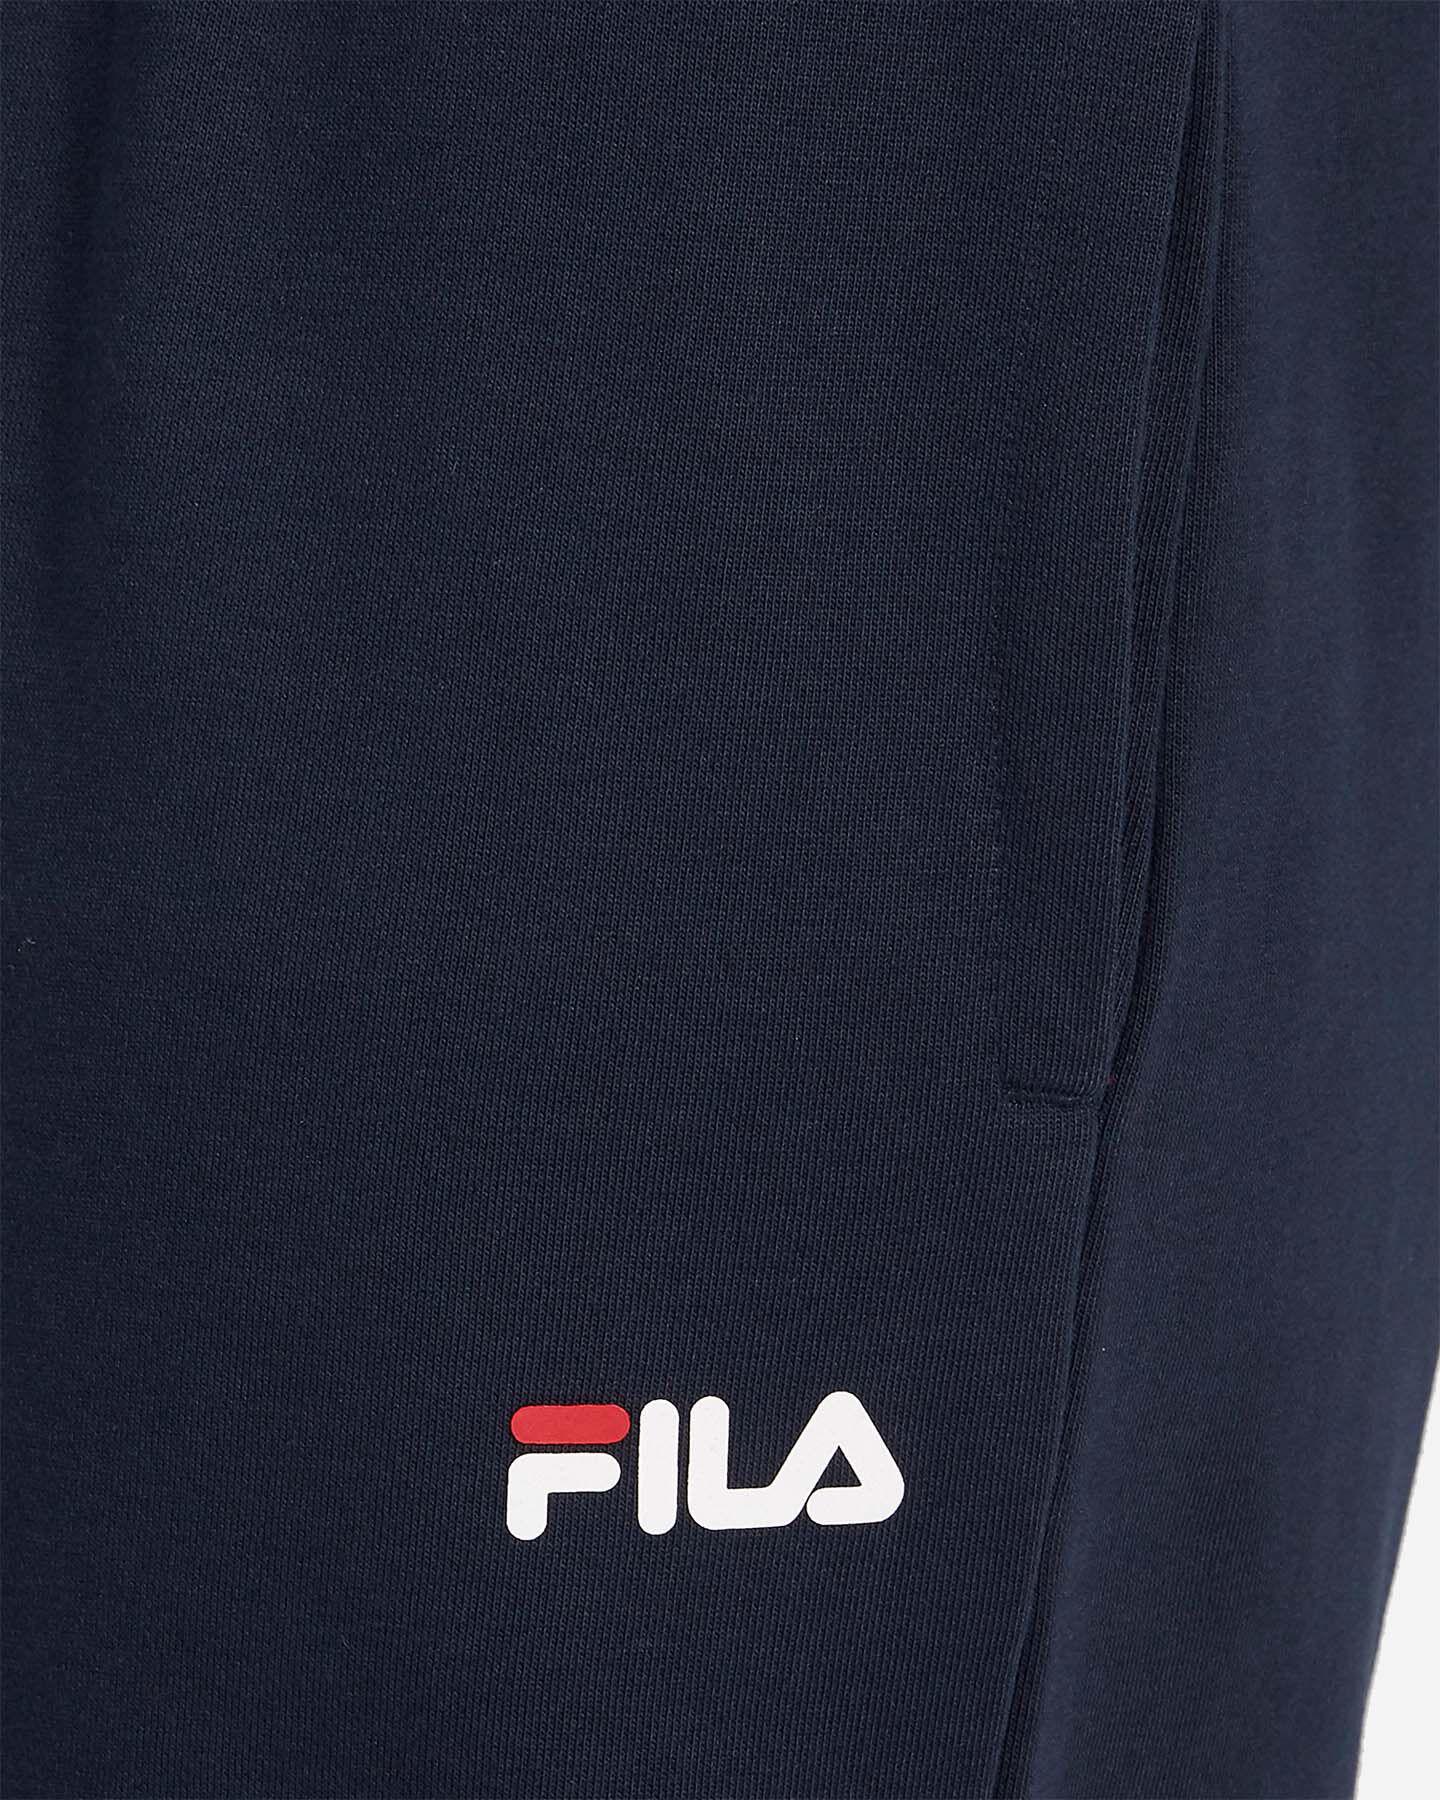 Pantalone FILA LOGO M S4067103 scatto 3